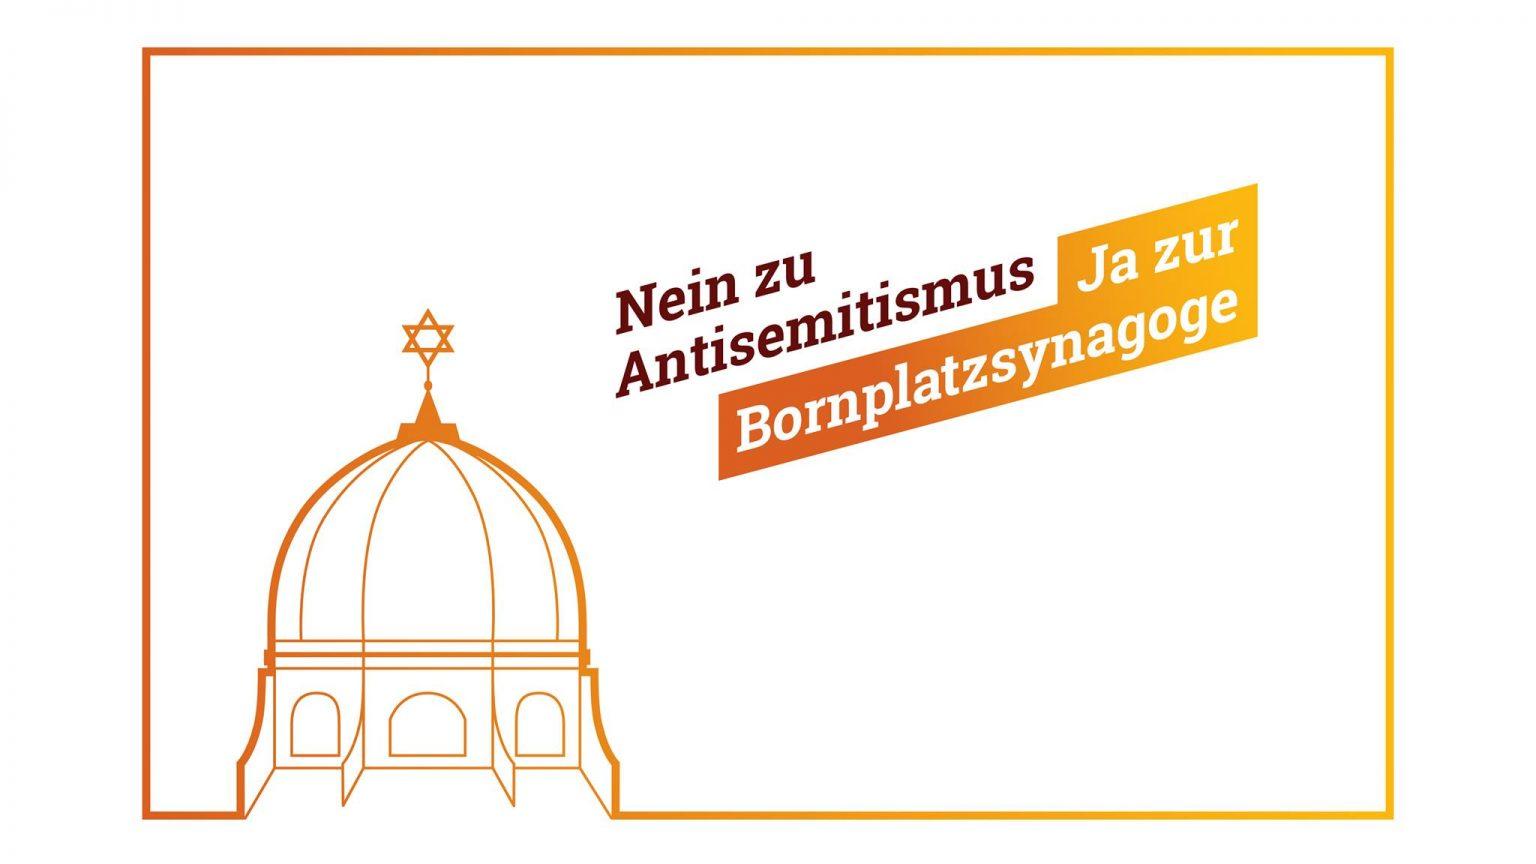 Nein zu Antisemitismus, Ja zur Bornplatzsynagoge